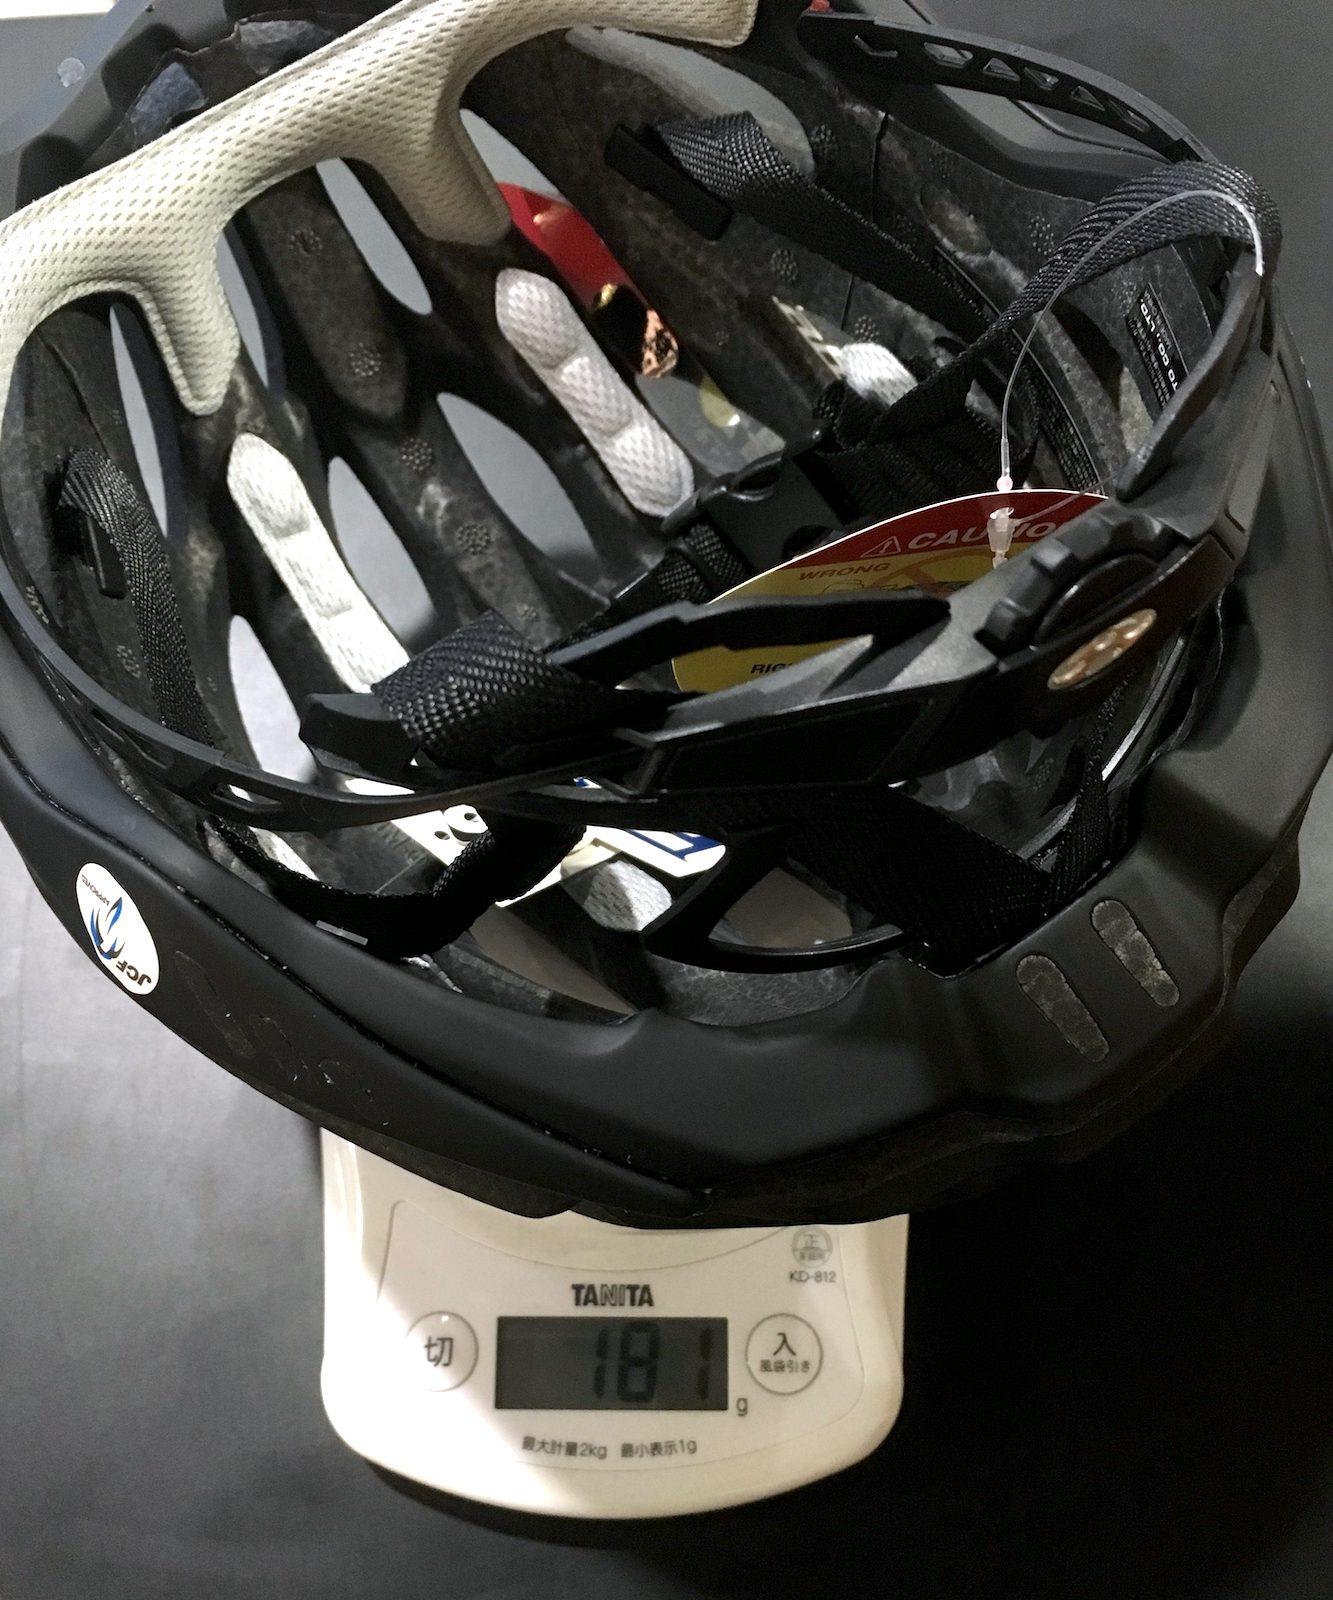 ヘルメットの重さを計っている写真